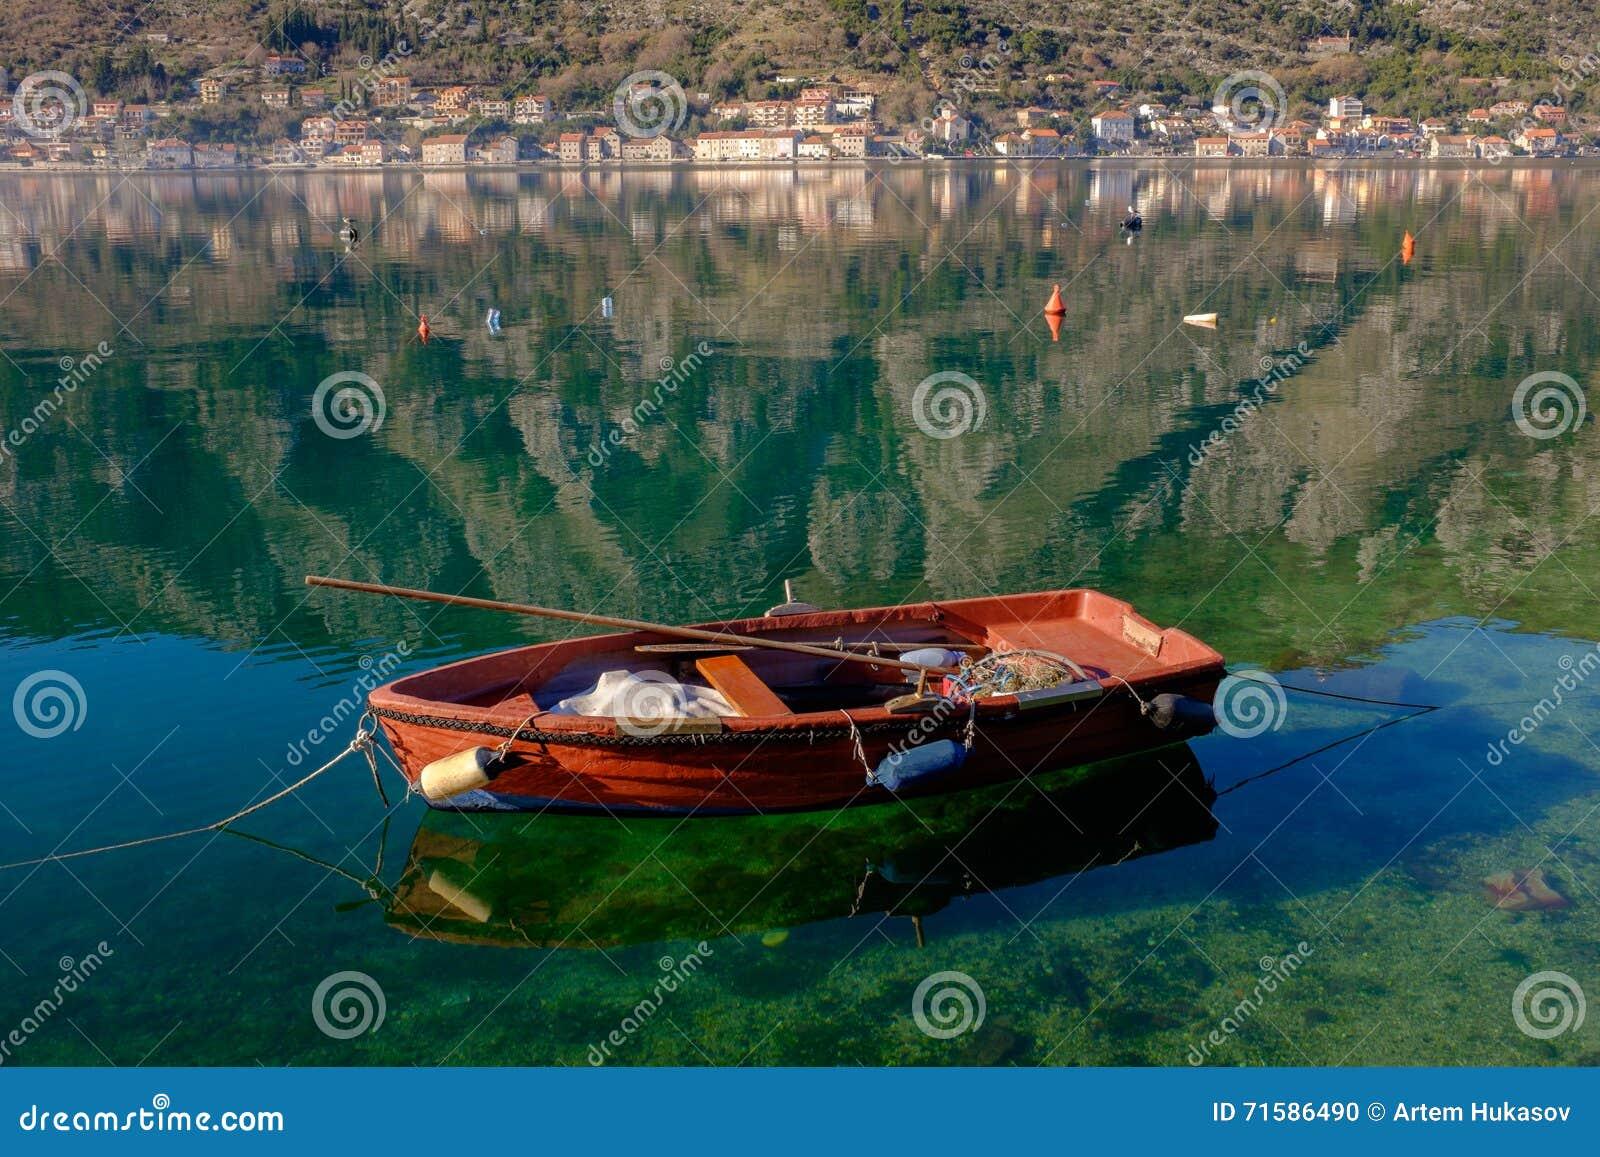 Αλιευτικό σκάφος στο σαφές νερό, την παλαιά πόλη και τα βουνά στο υπόβαθρο